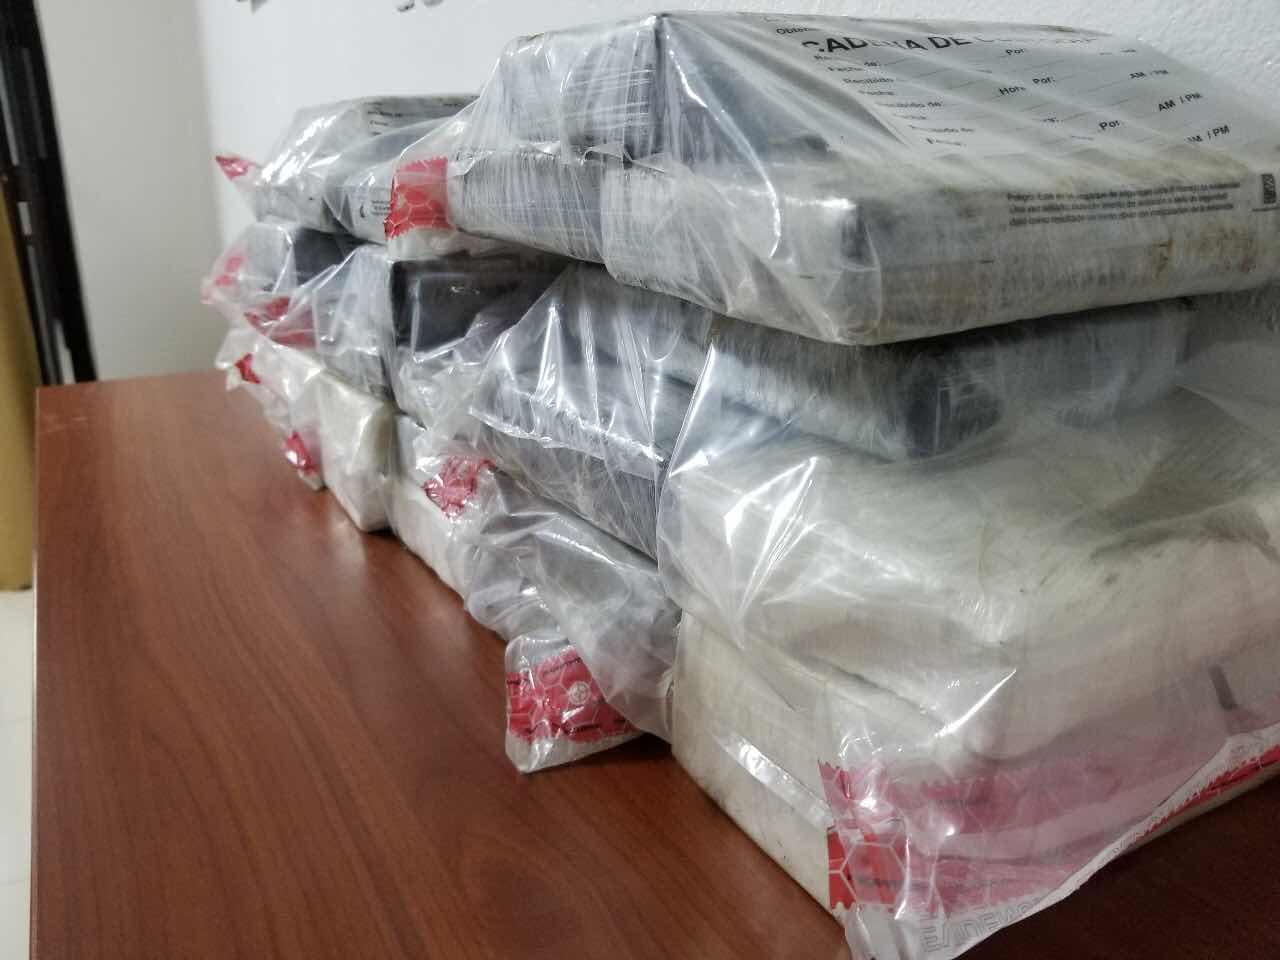 OCUPAN 28 PAQUETES DE COCAINA EN PUERTO DE HAINA E INTENSIFICAN OPERATIVOS CONTRA TRAFICO DE DROGAS.-